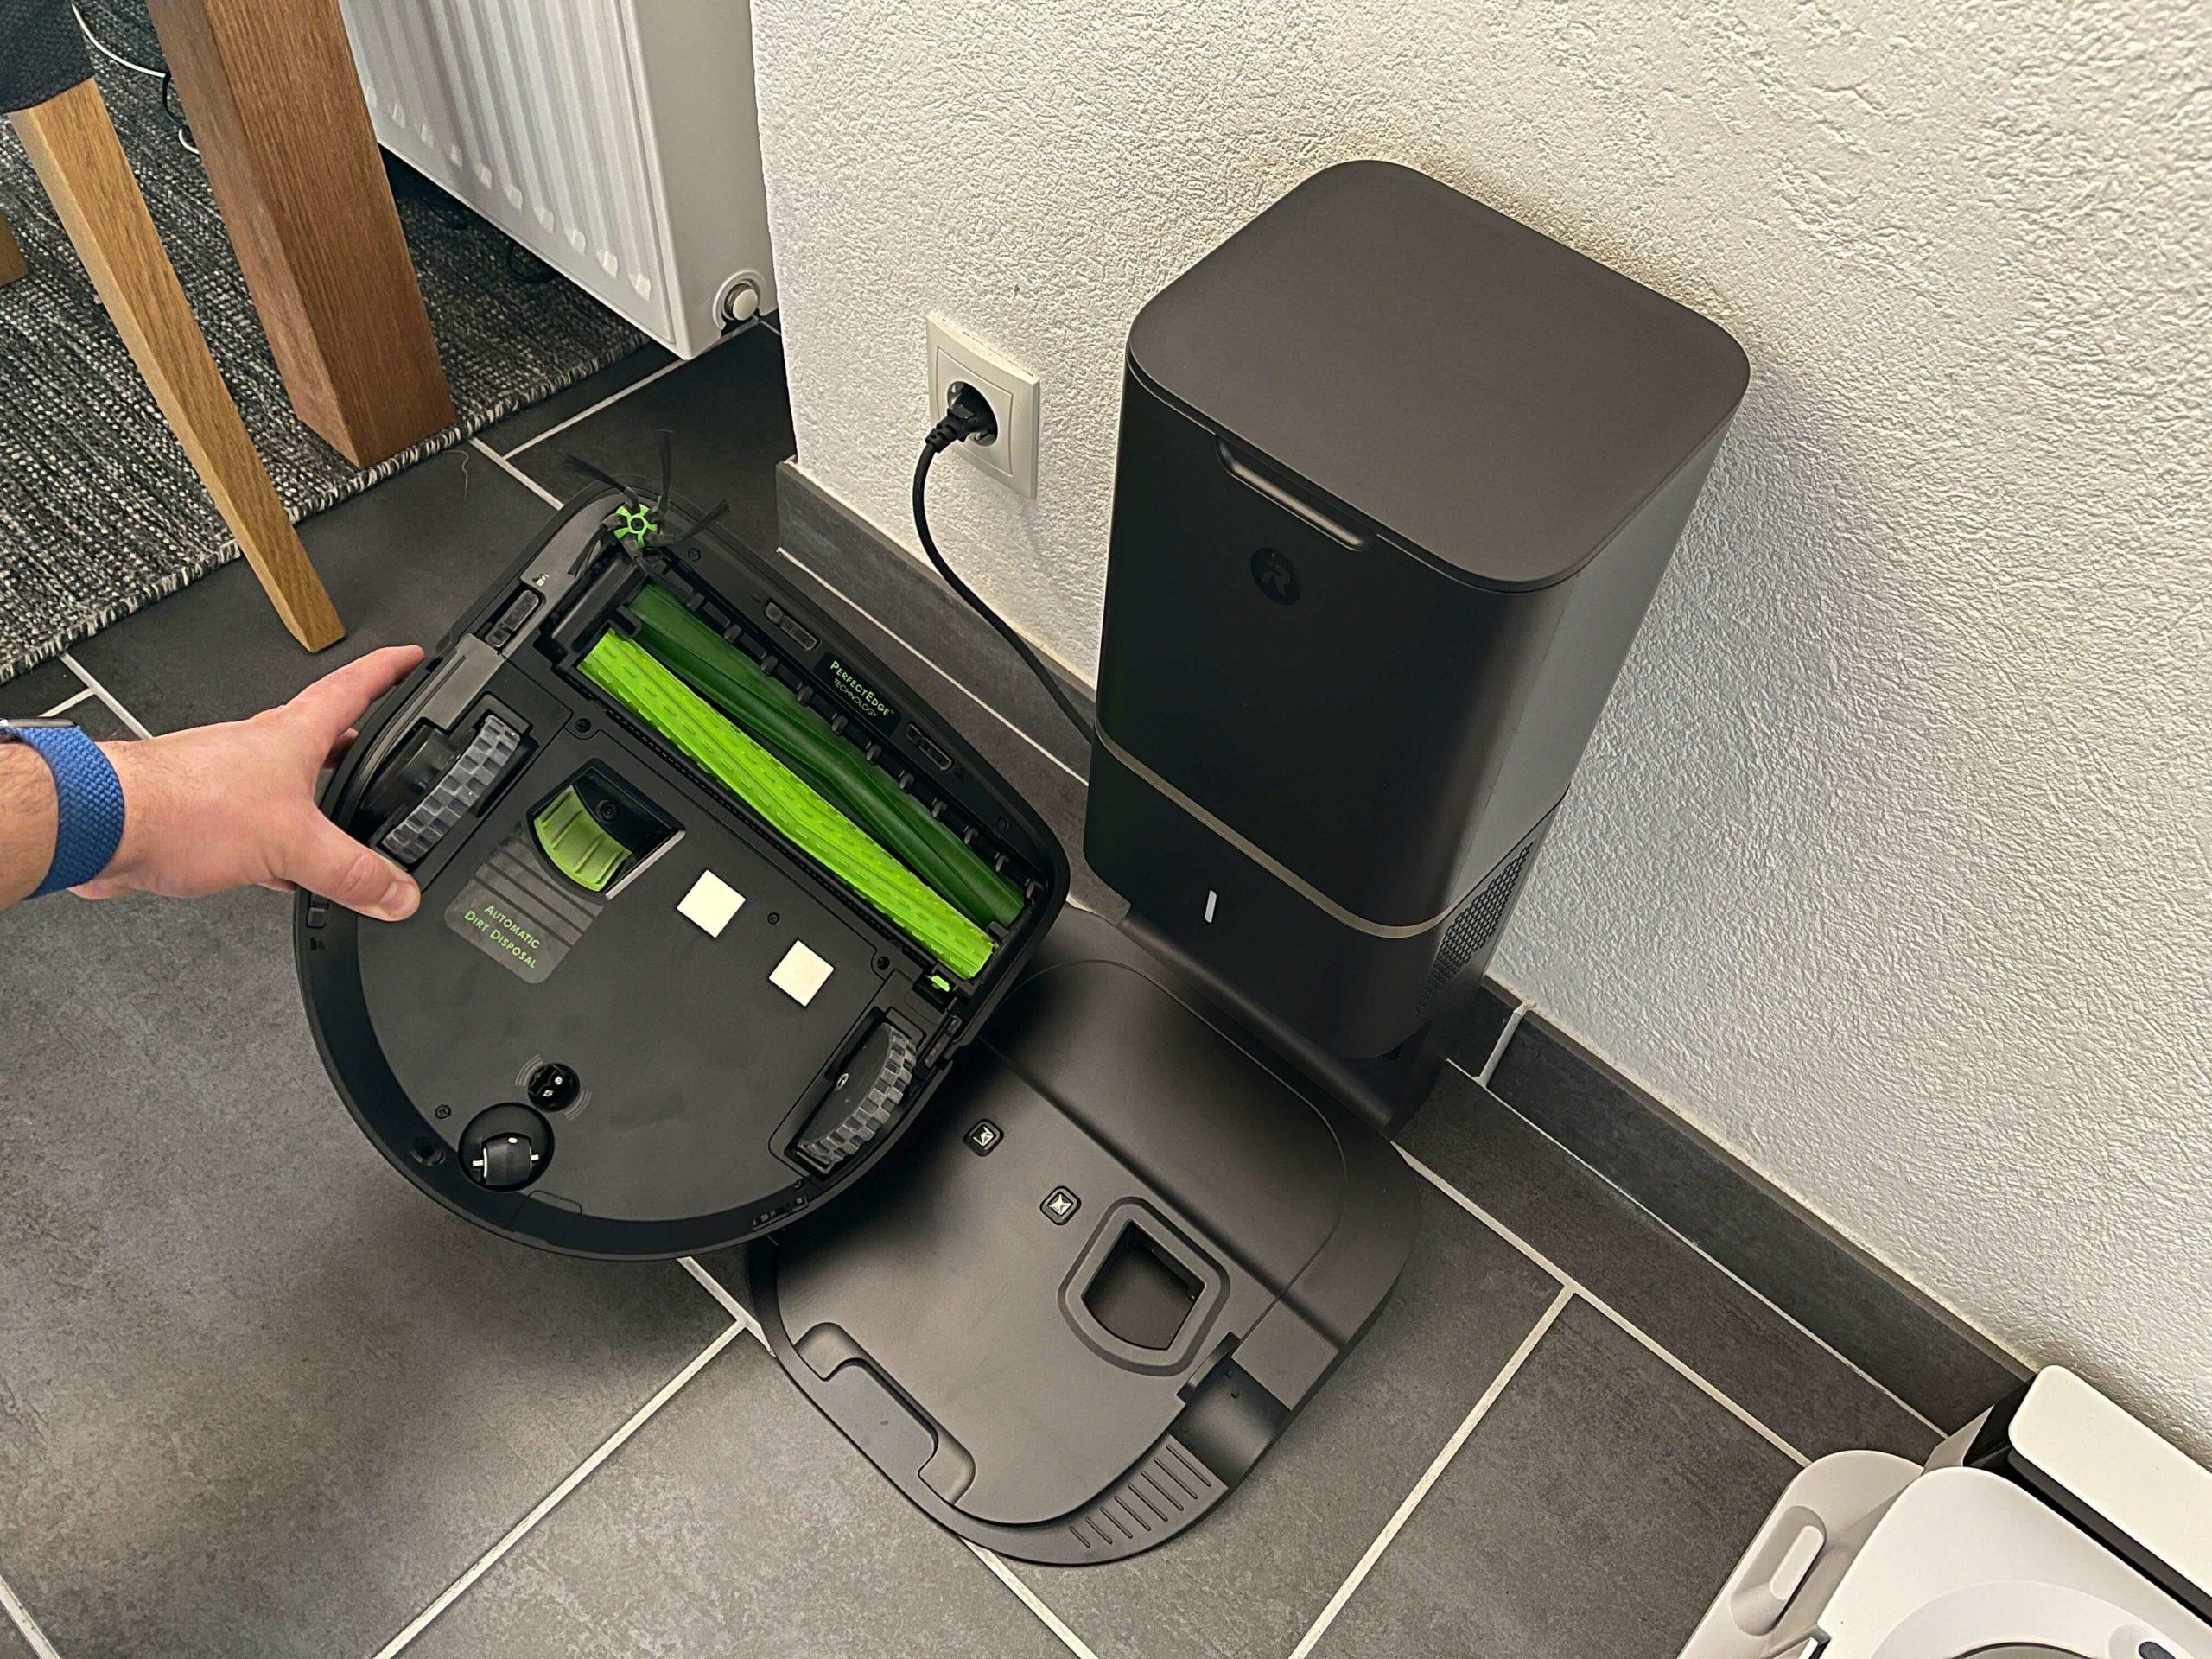 Roomba-s9-von-iRobot-intelligente-Raumreinigung-mit-Lerneffekt2-scaled Roomba s9+ von iRobot - intelligente Raumreinigung mit Lerneffekt